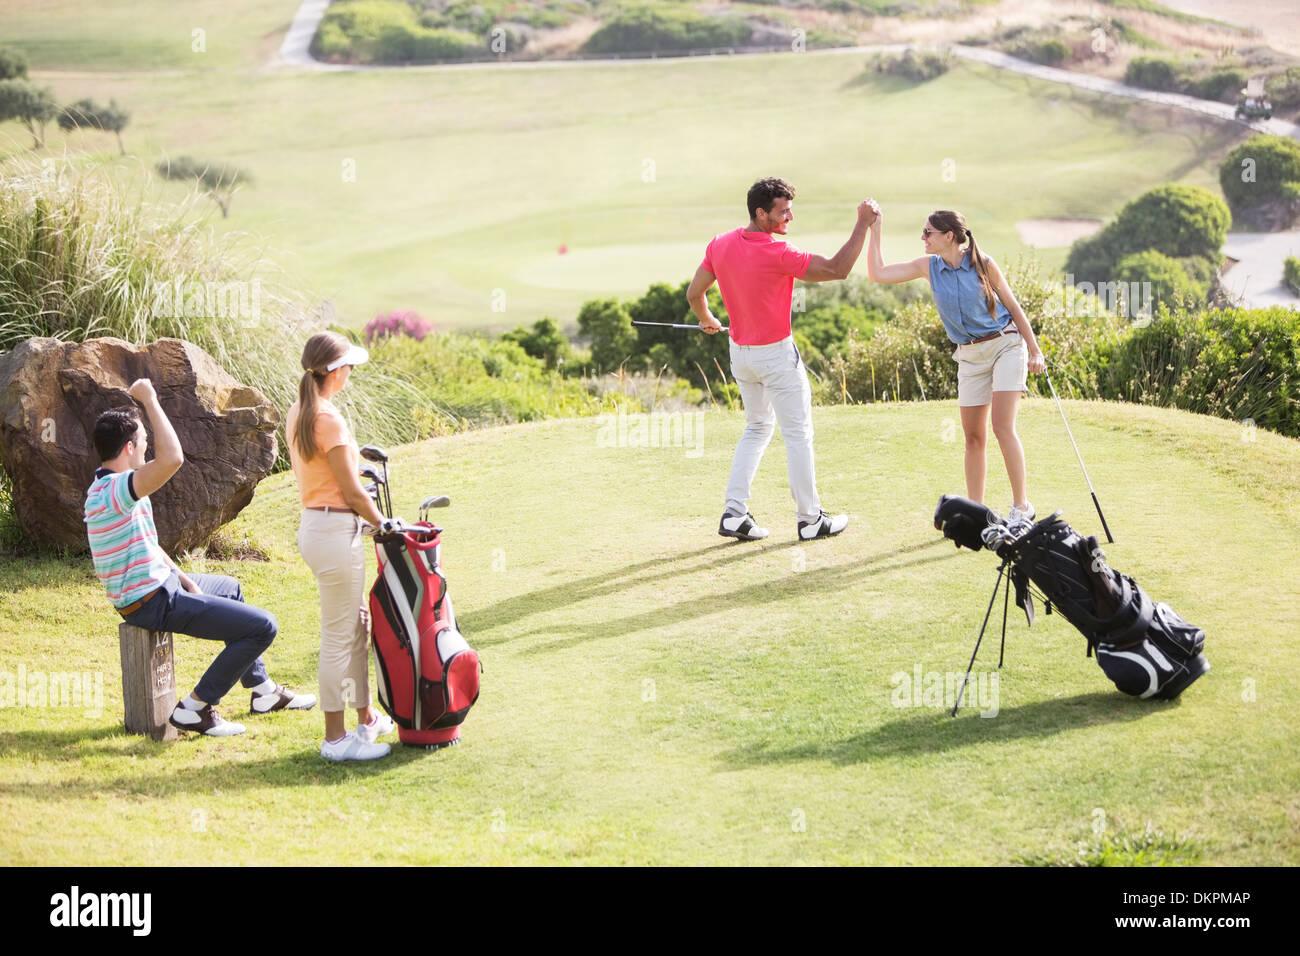 Les amis en jouant au golf sur le cours Photo Stock